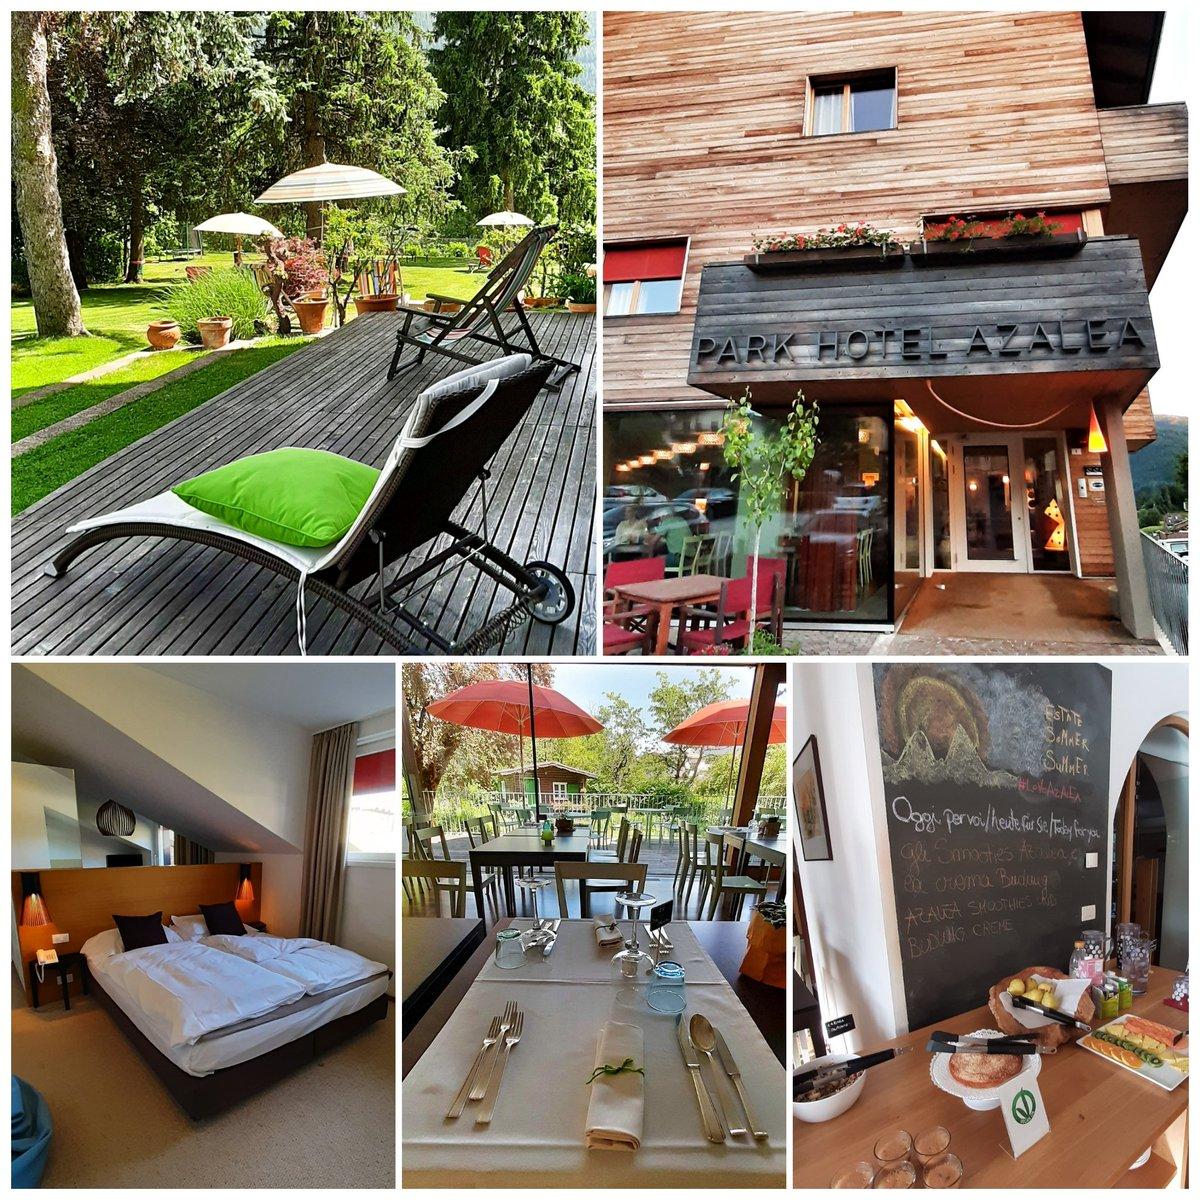 RT @pizzo_76: Un hotel a #cavalese dove tutto è bio e rispettoso dell'ambiente  #loveazalea #valdifiemme #travel https://t.co/FB9UgvsoXU